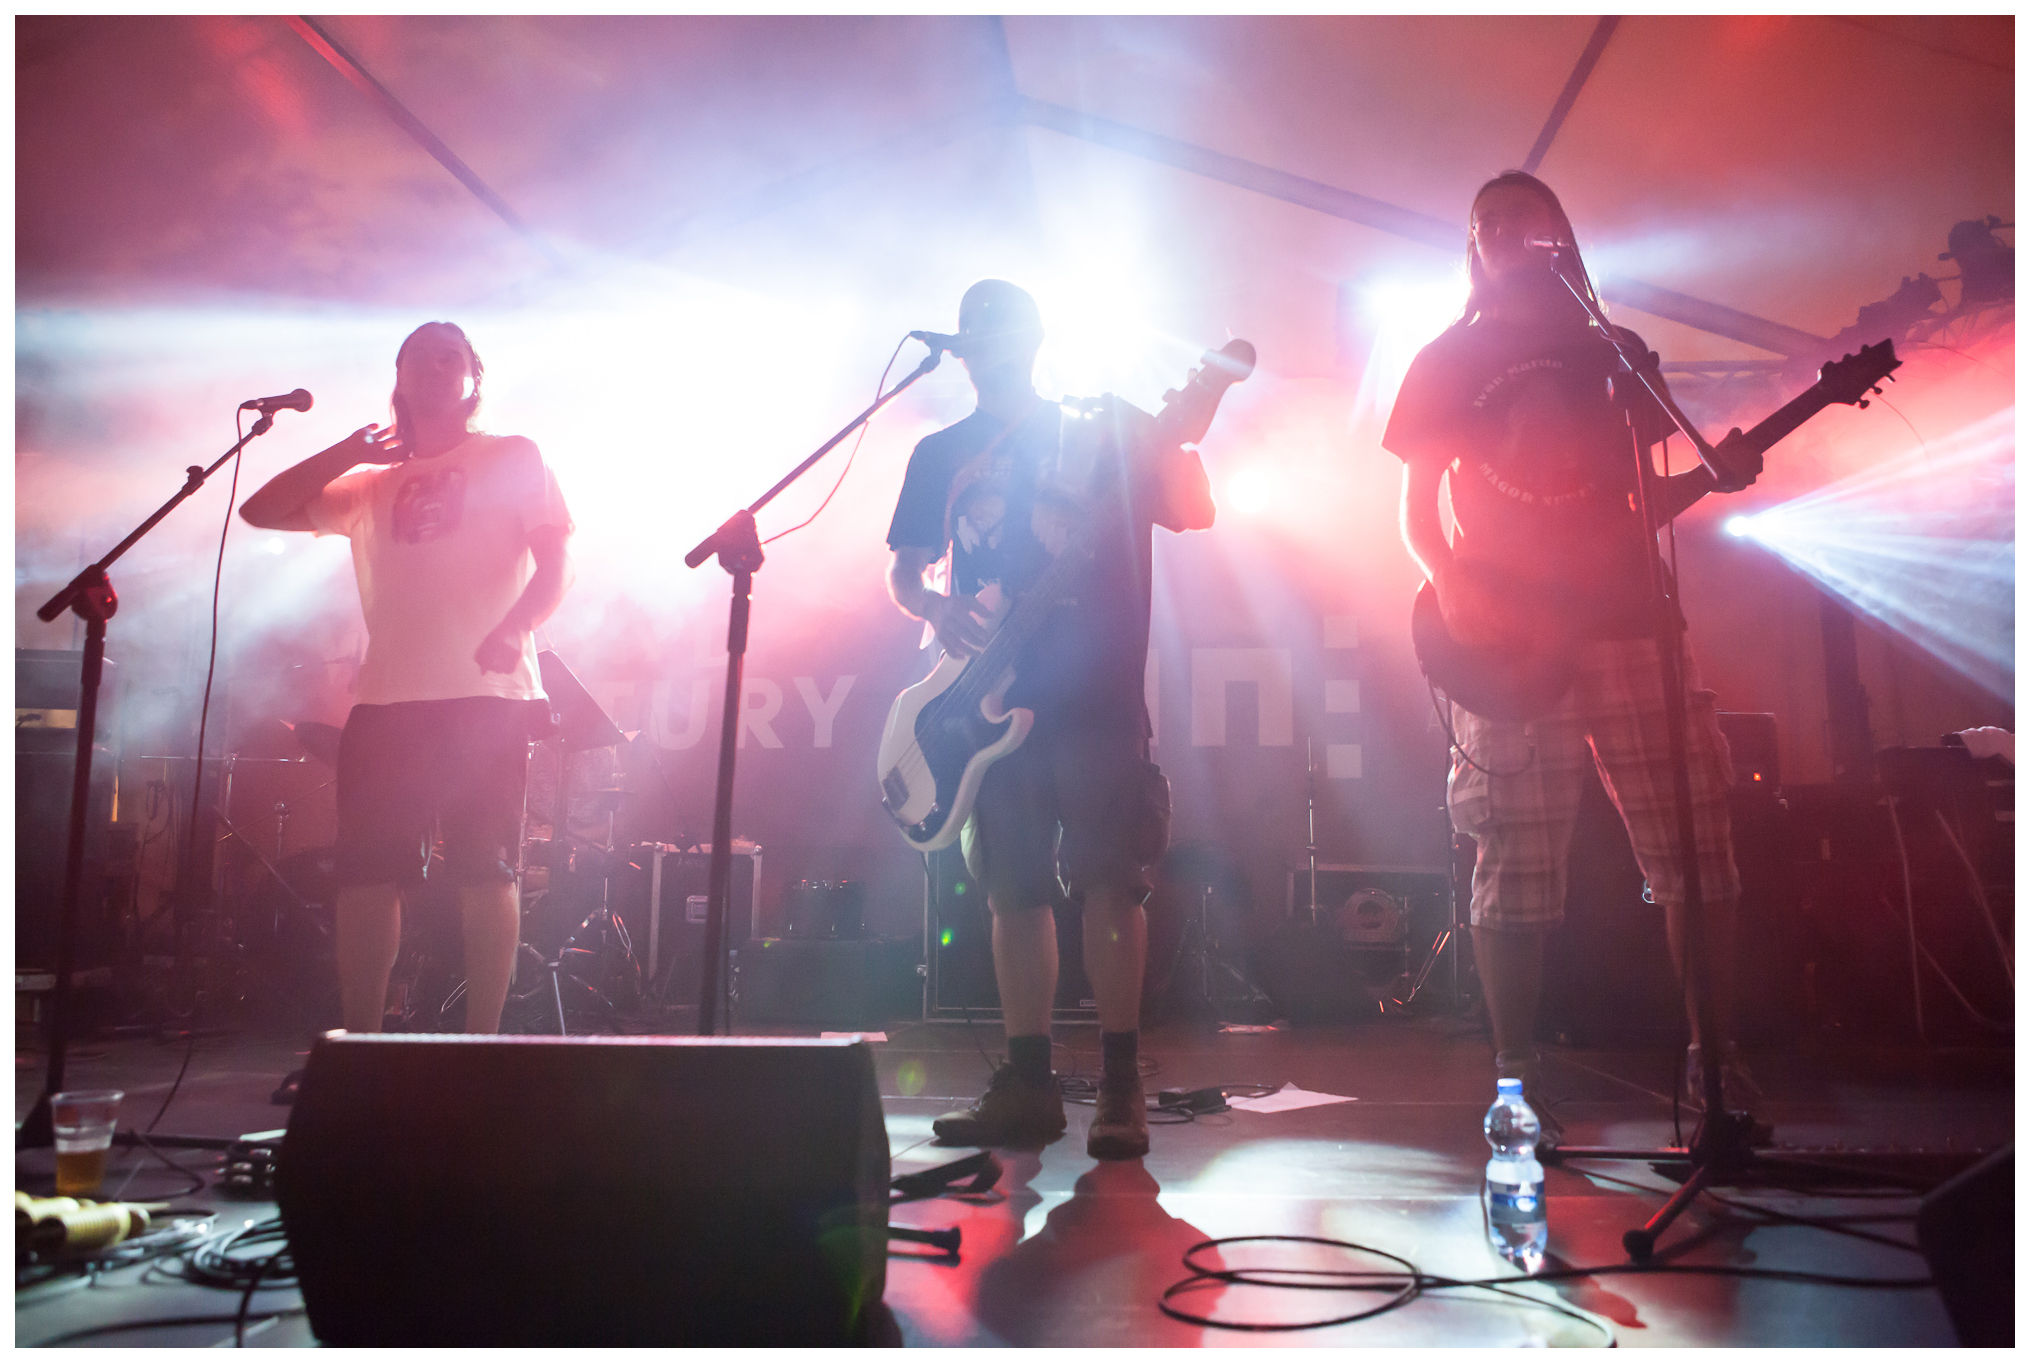 Koncert zespołu Nevypar Kovatjezd. Na scenie widzimy czterech artystów. Dwóch muzyków gra na gitarach, jeden na perkusji, jest też wokalista.